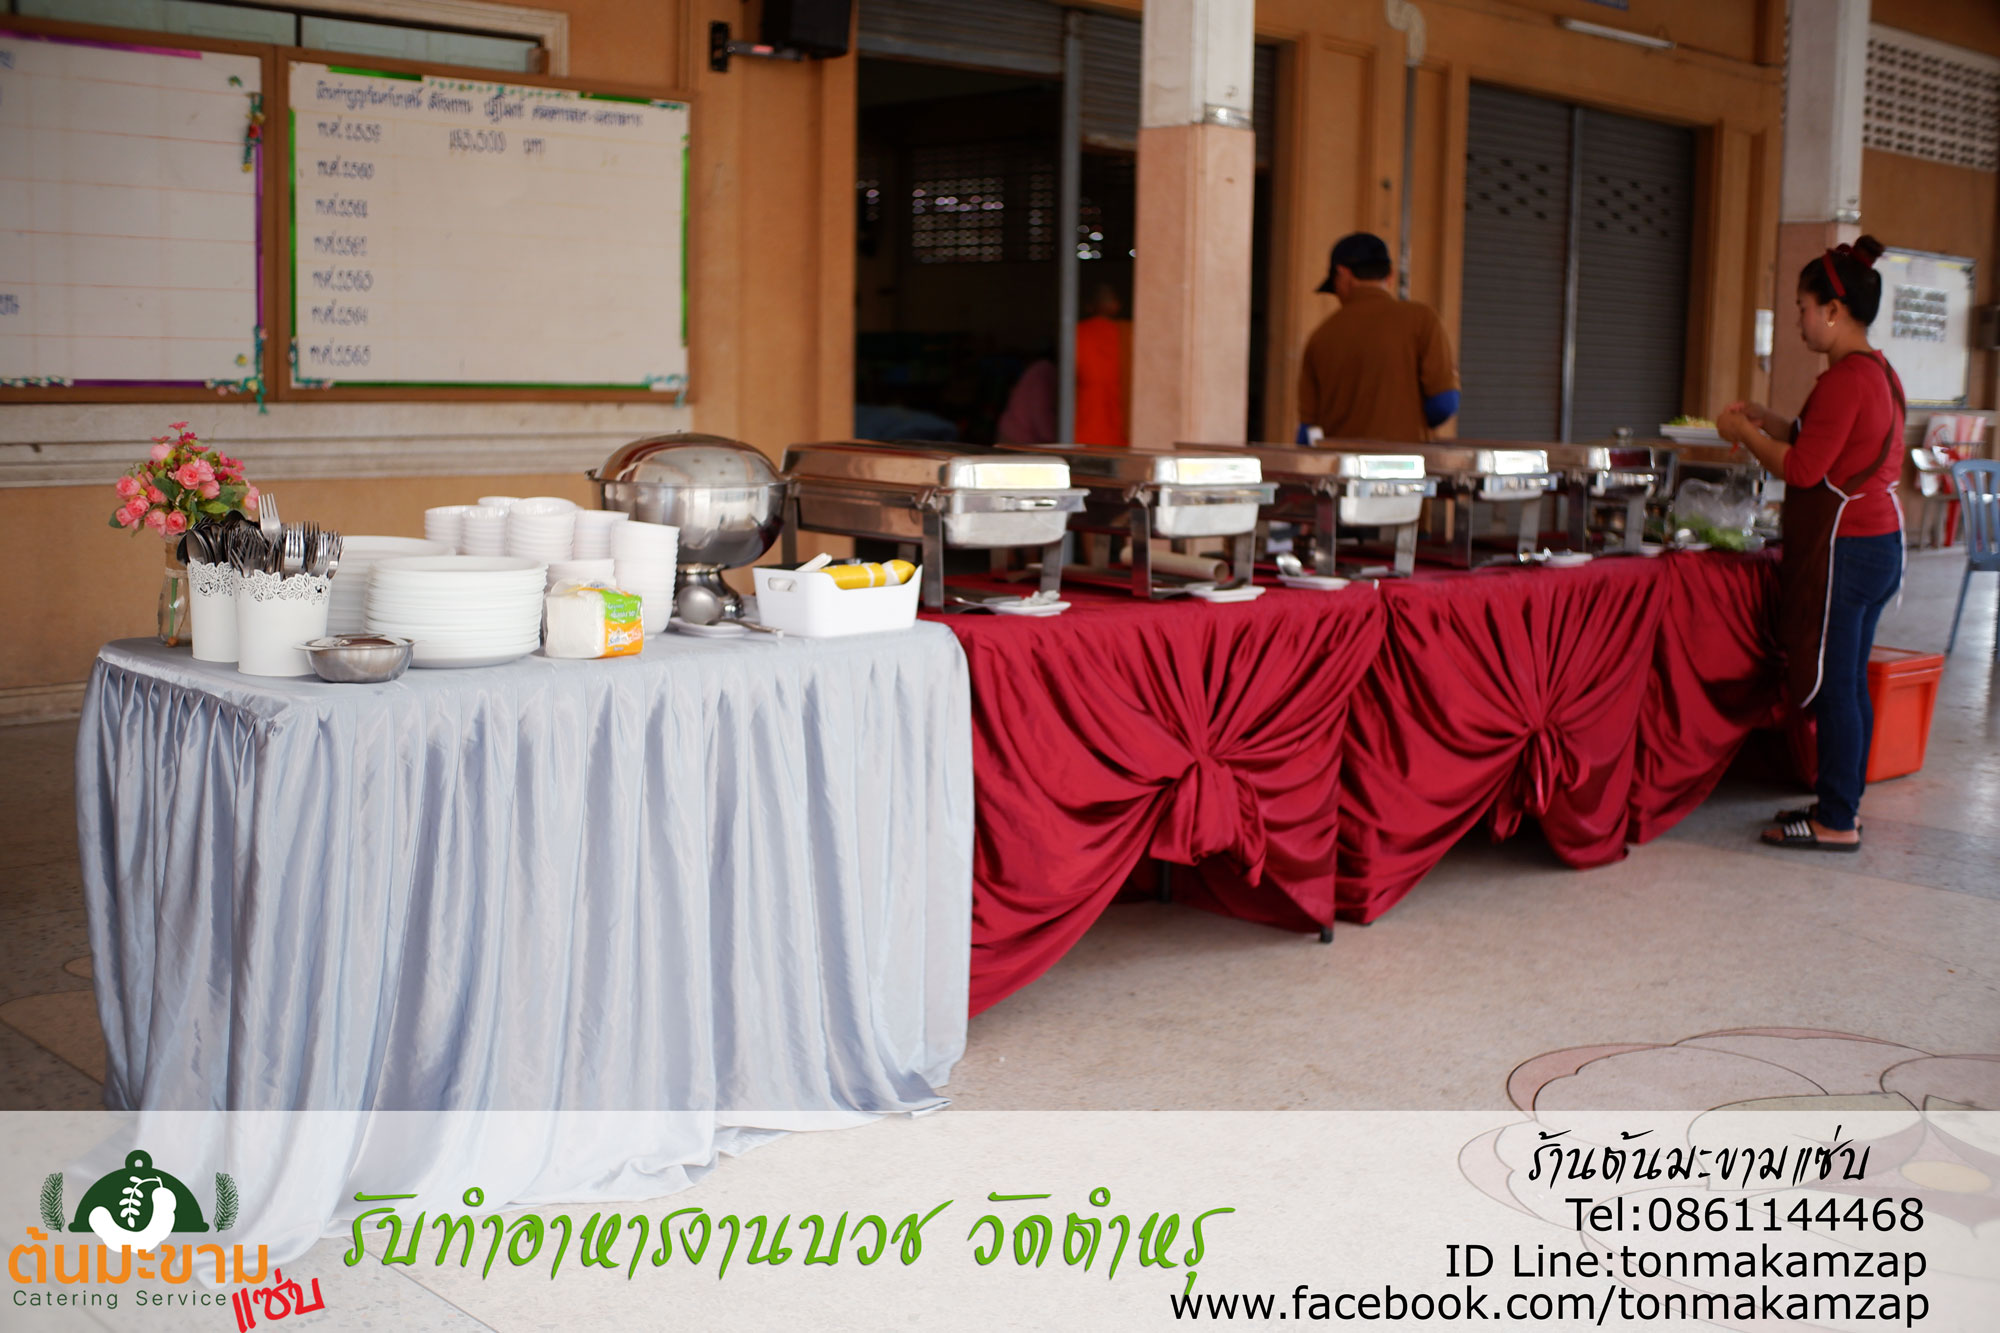 cateringรับทำอาหารบุฟเฟ่ต์งานบวชวัดตำหรุ อาหารอร่อยบริการเป็นกันเอง